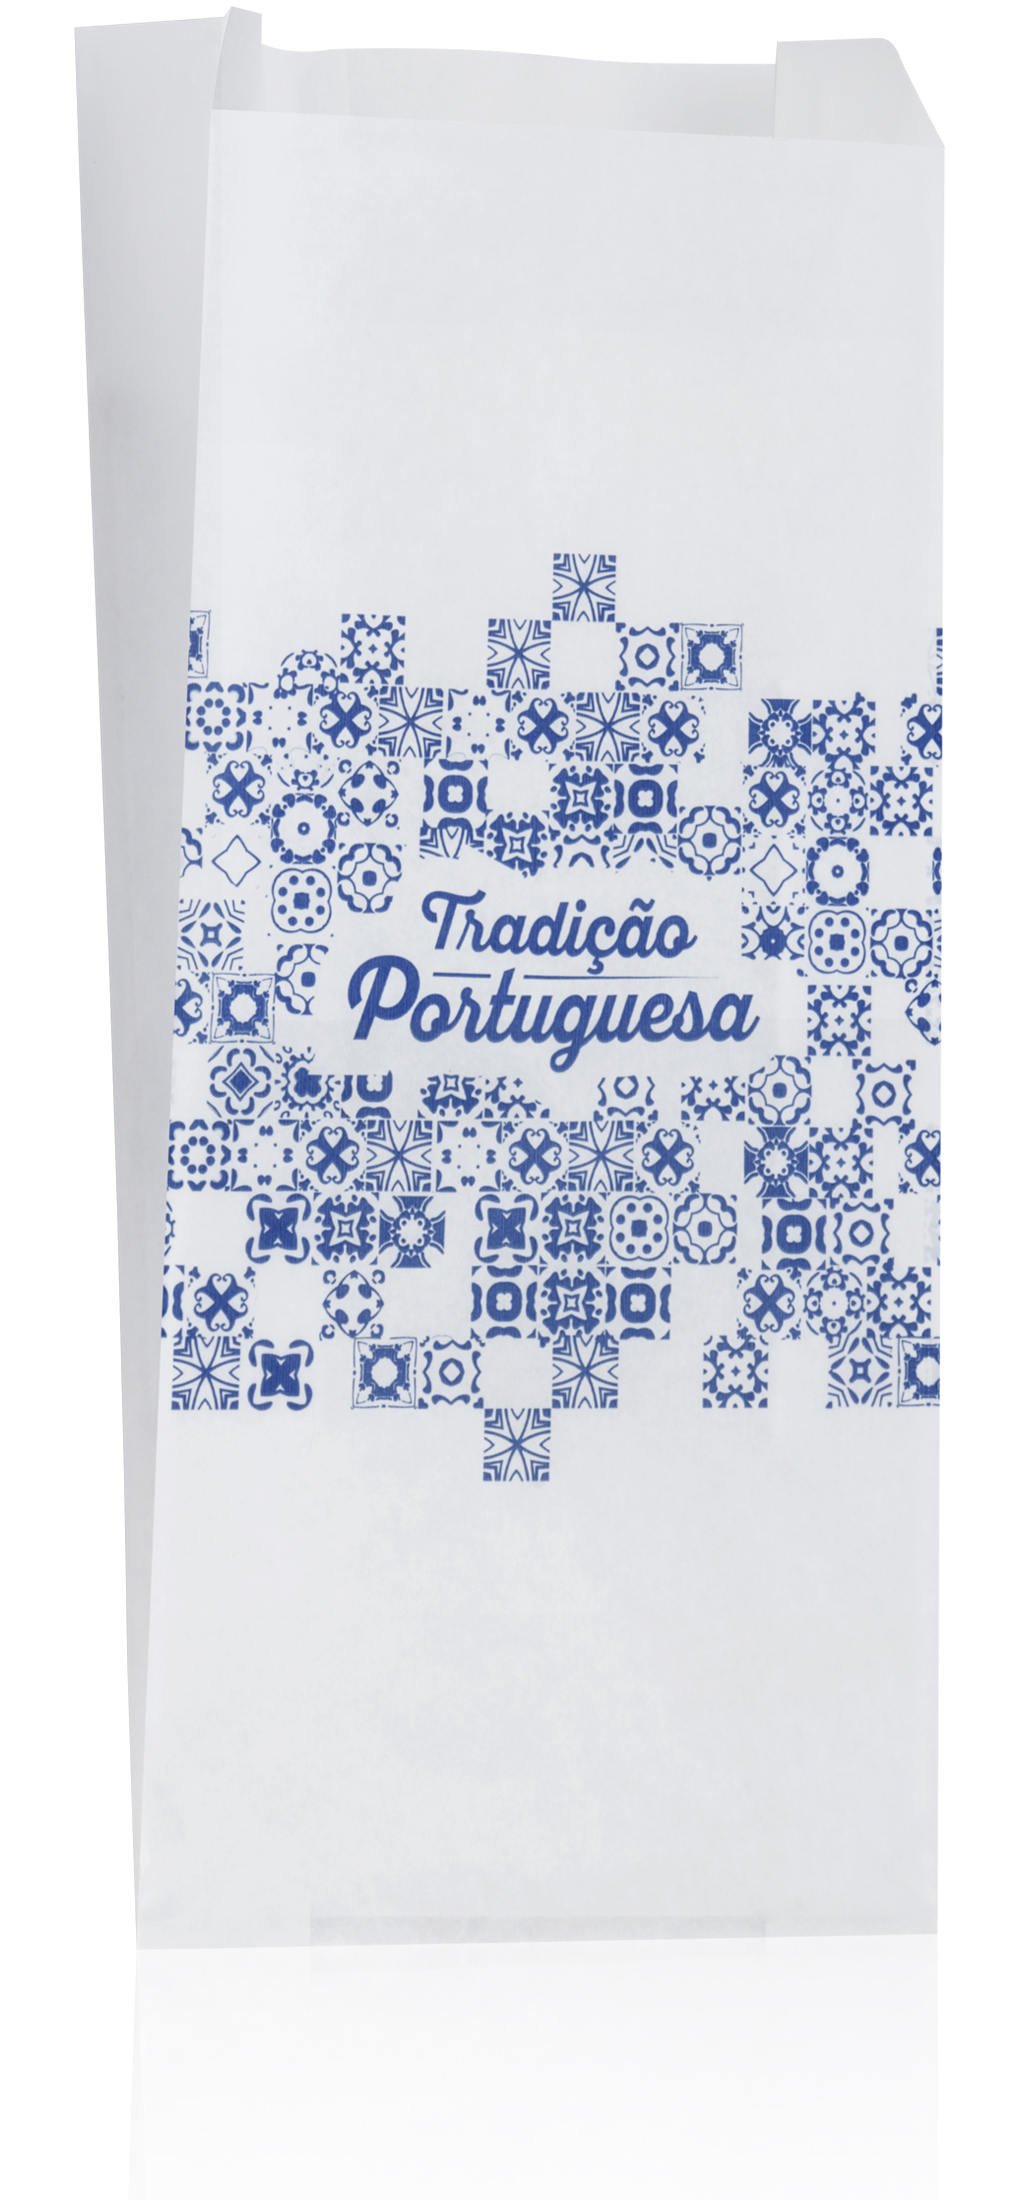 Tradition Portuguese